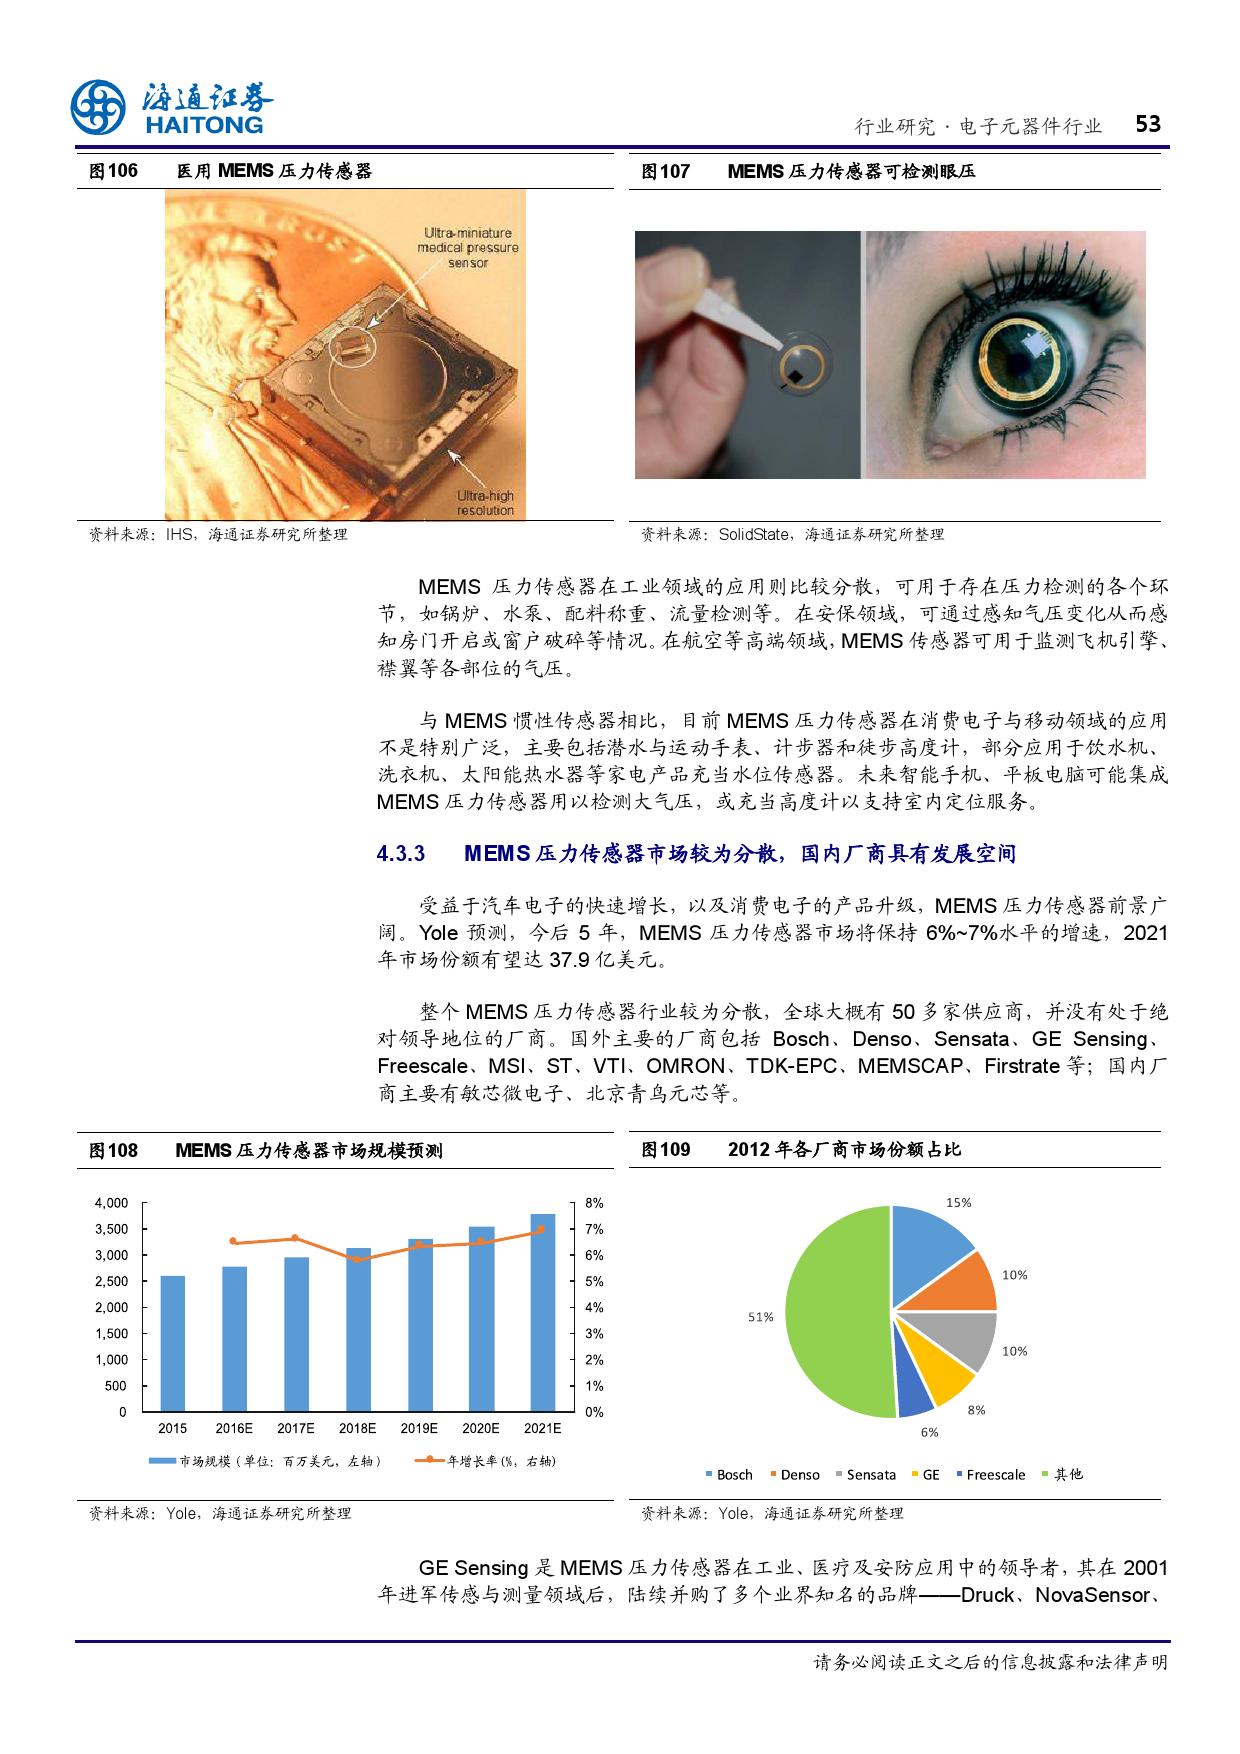 报告全解传感器全球产业链_000053